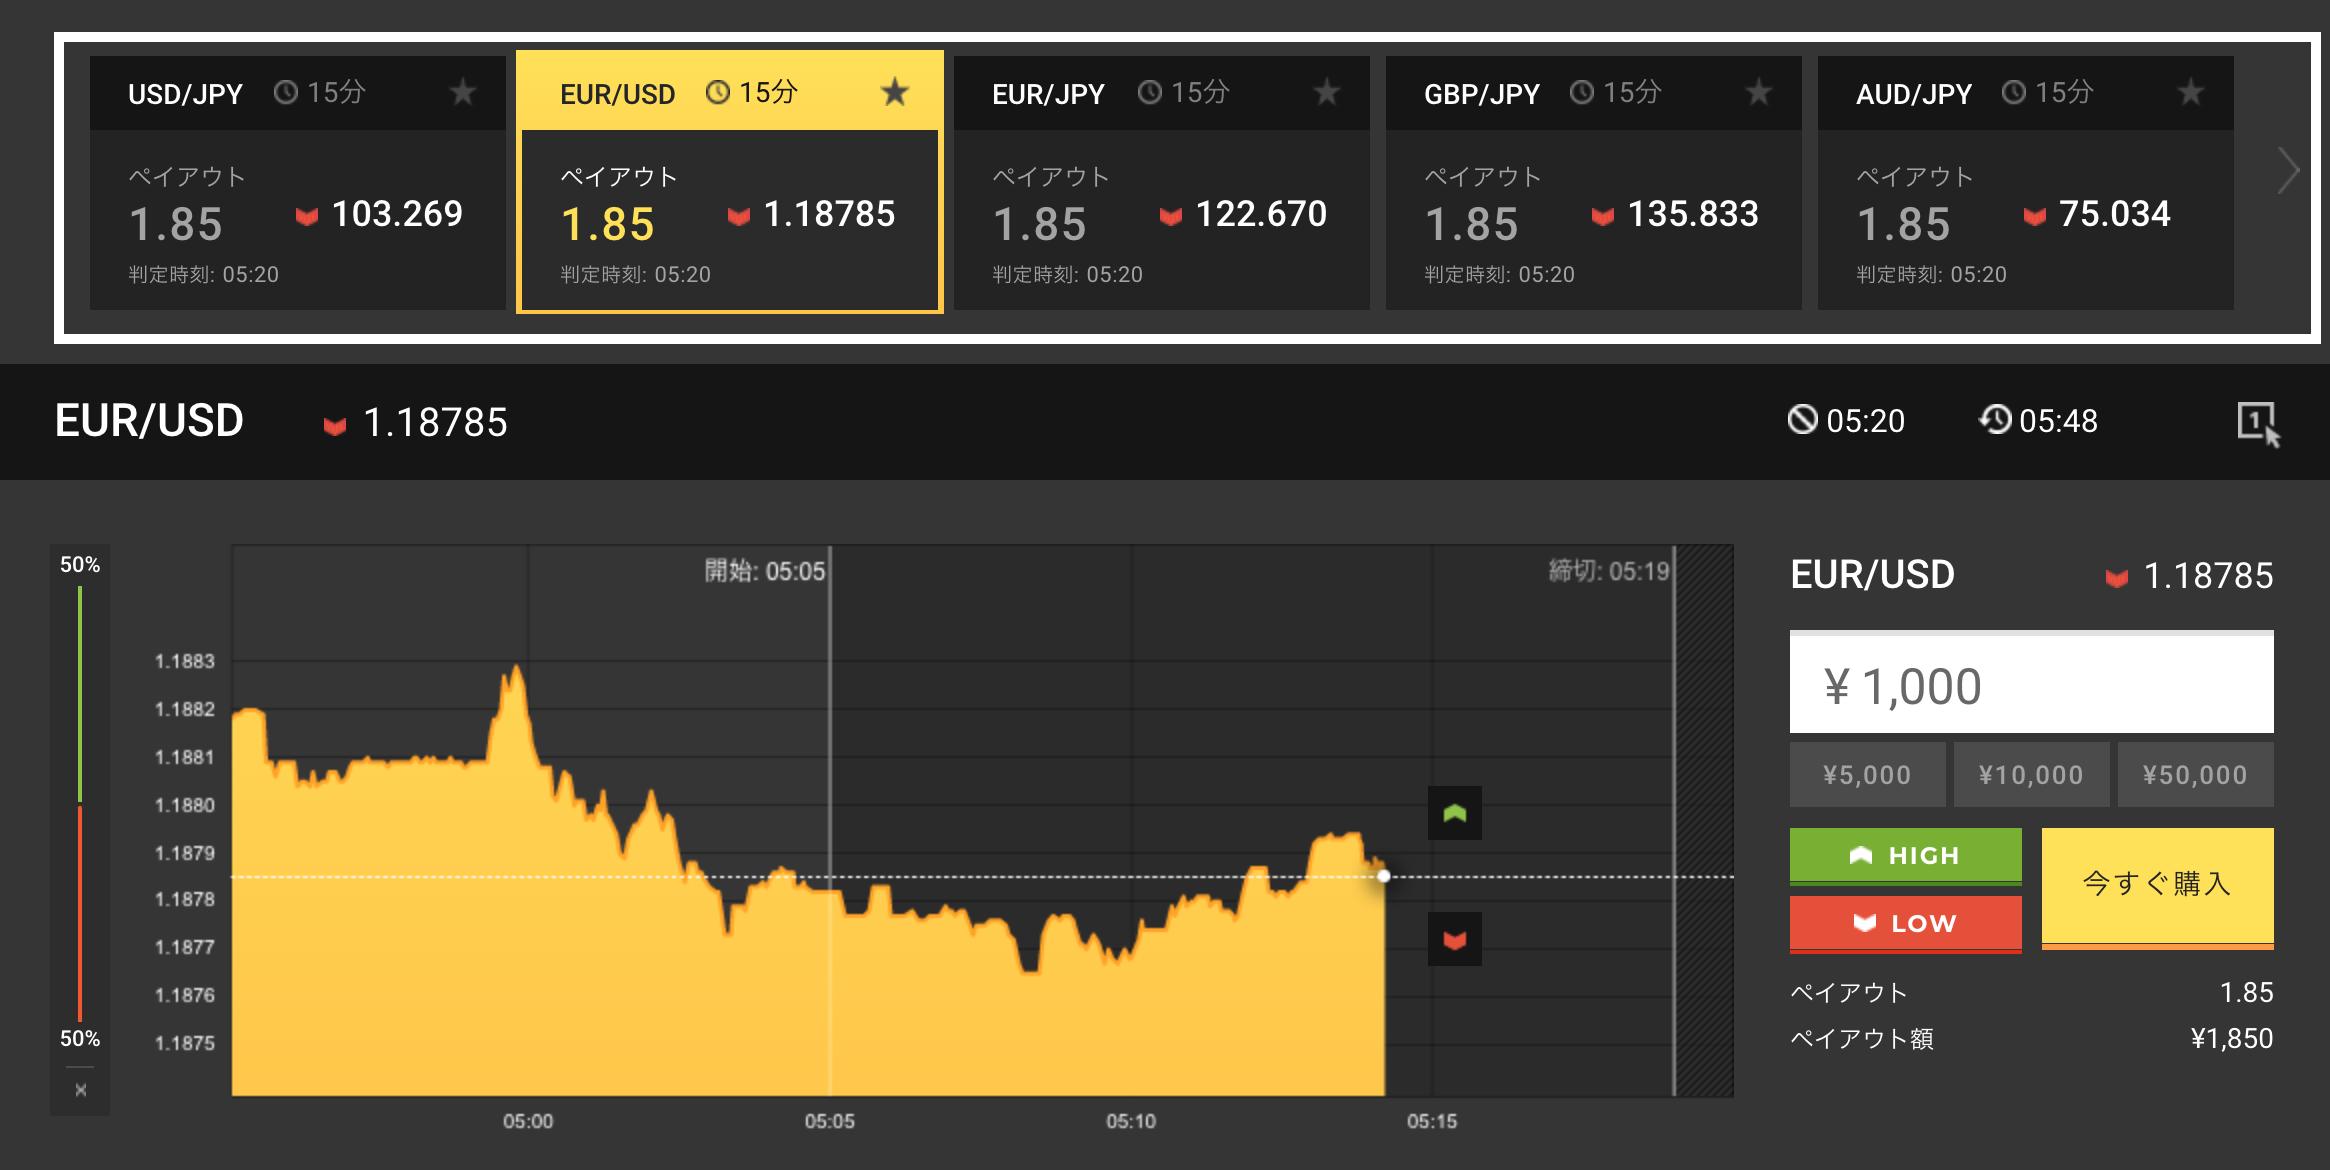 ハイローオーストラリア 通貨ペアの選択画面